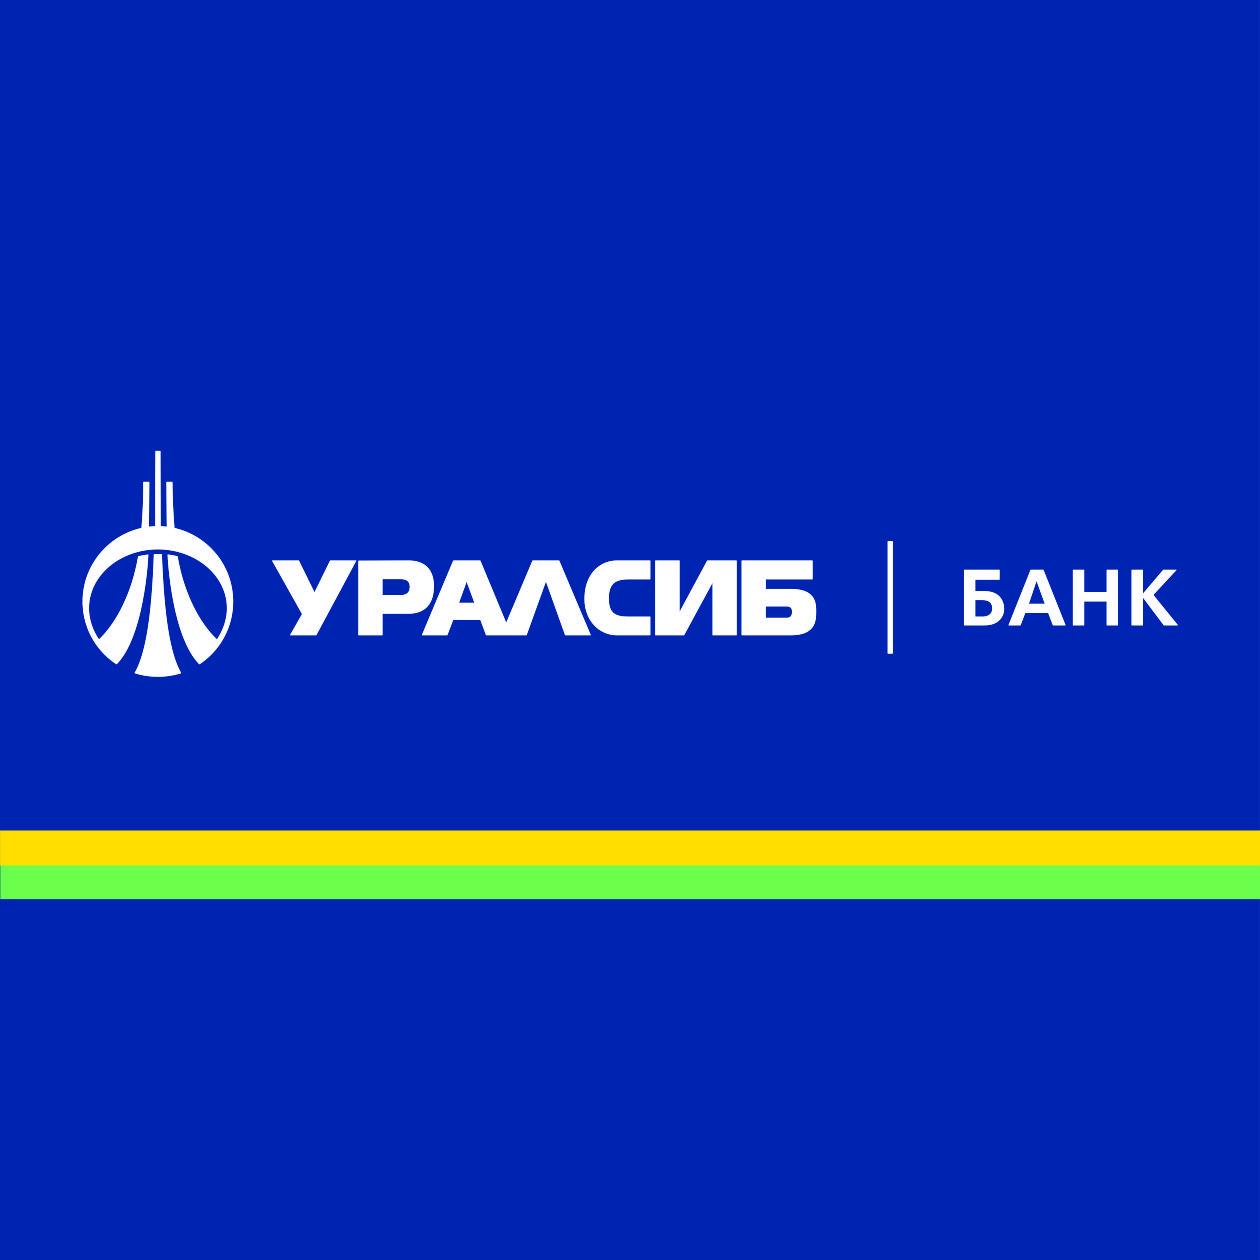 Банк УРАЛСИБ увеличил объем ипотечного кредитования в 1.9 раза  по итогам 1 квартала 2020 года